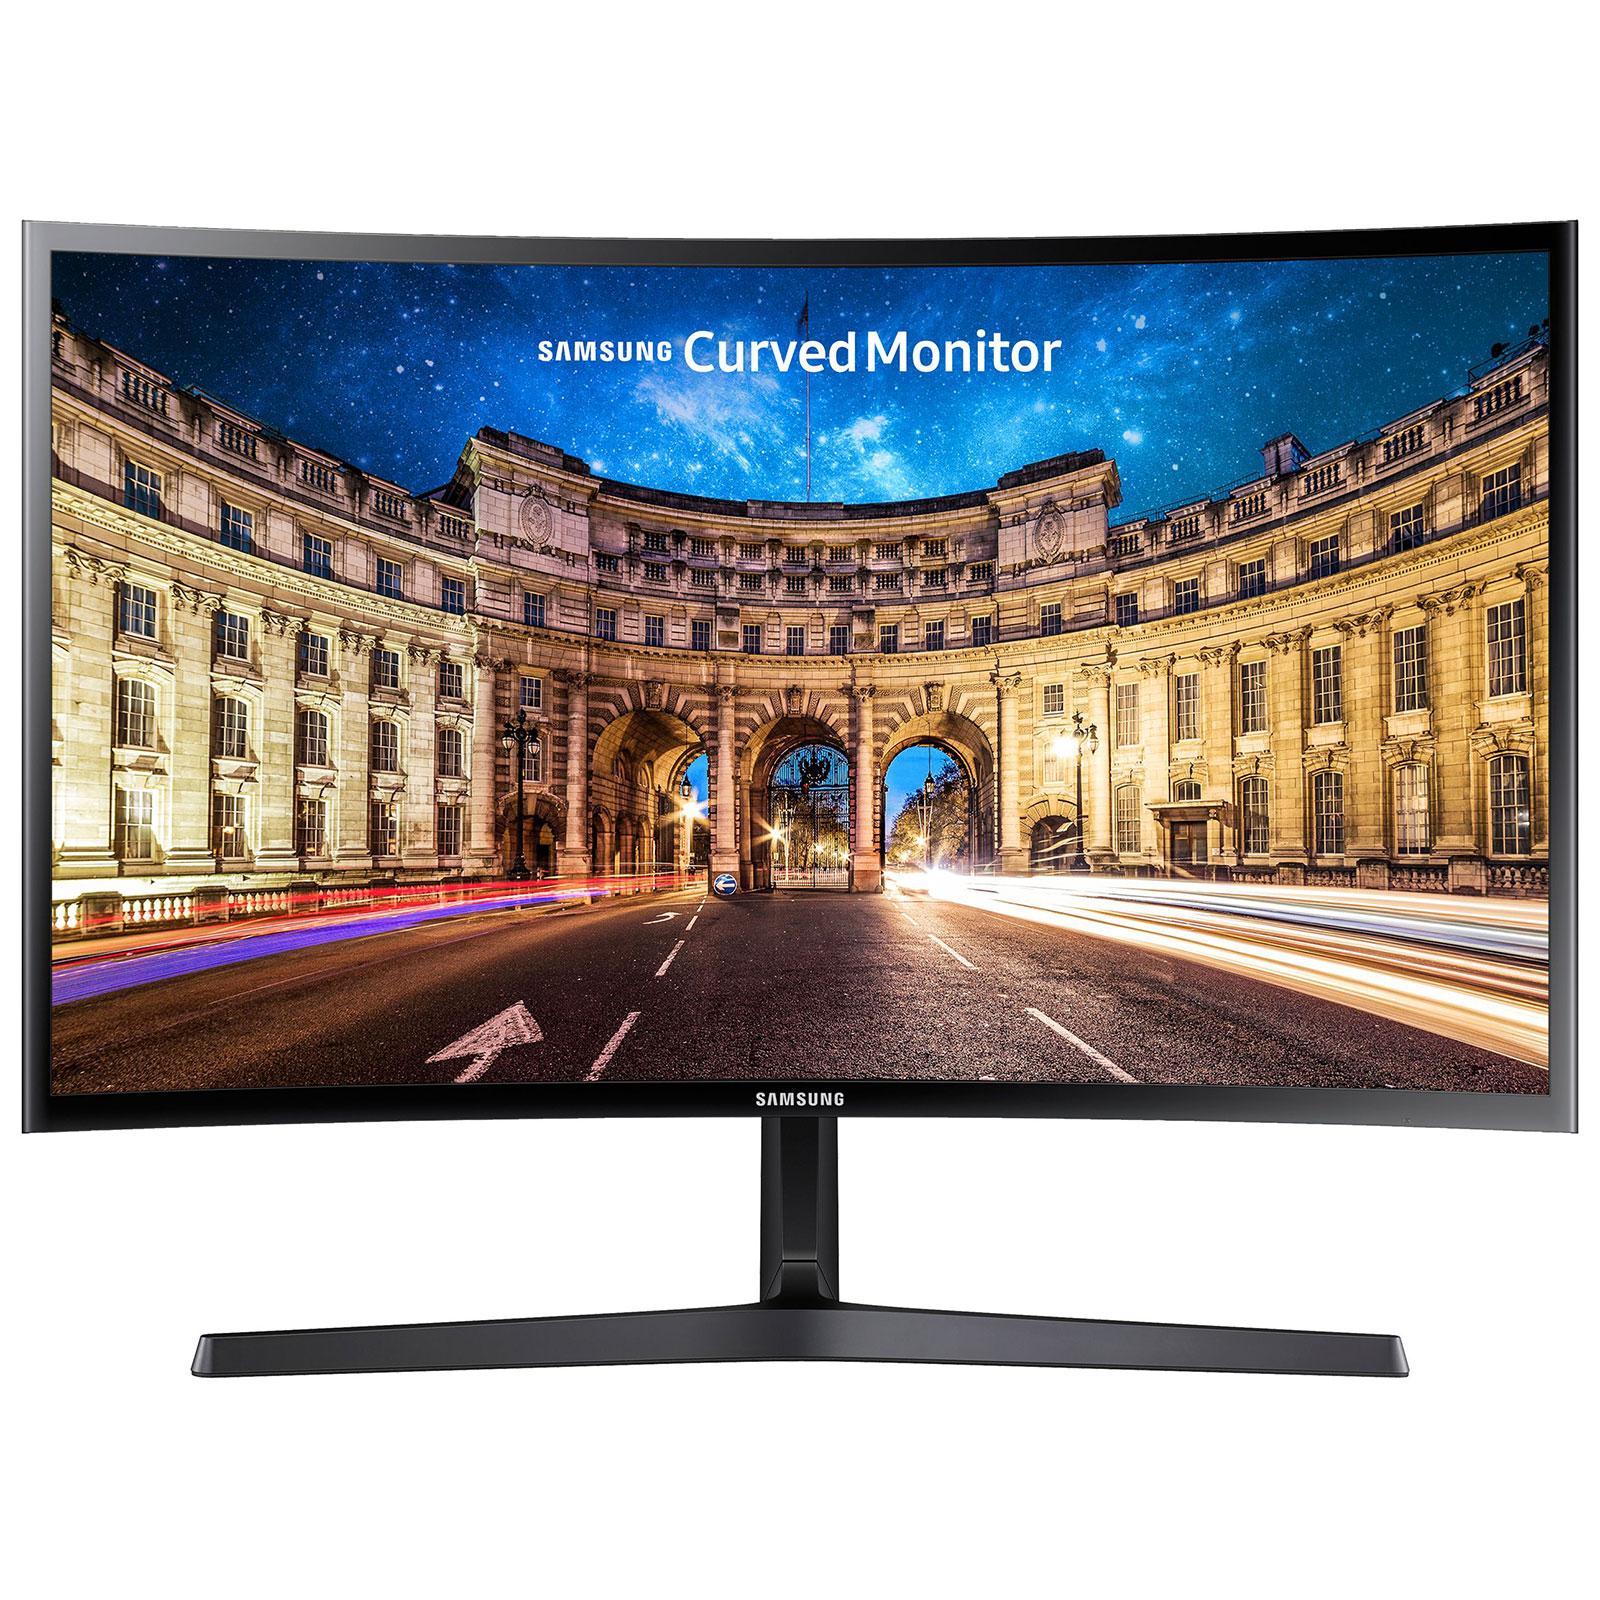 """Ecran PC Samsung 24"""" LED - C24F396FHU 1920 x 1080 pixels - 4 ms - Format large 16/9 - Dalle VA incurvée - HDMI - Noir"""